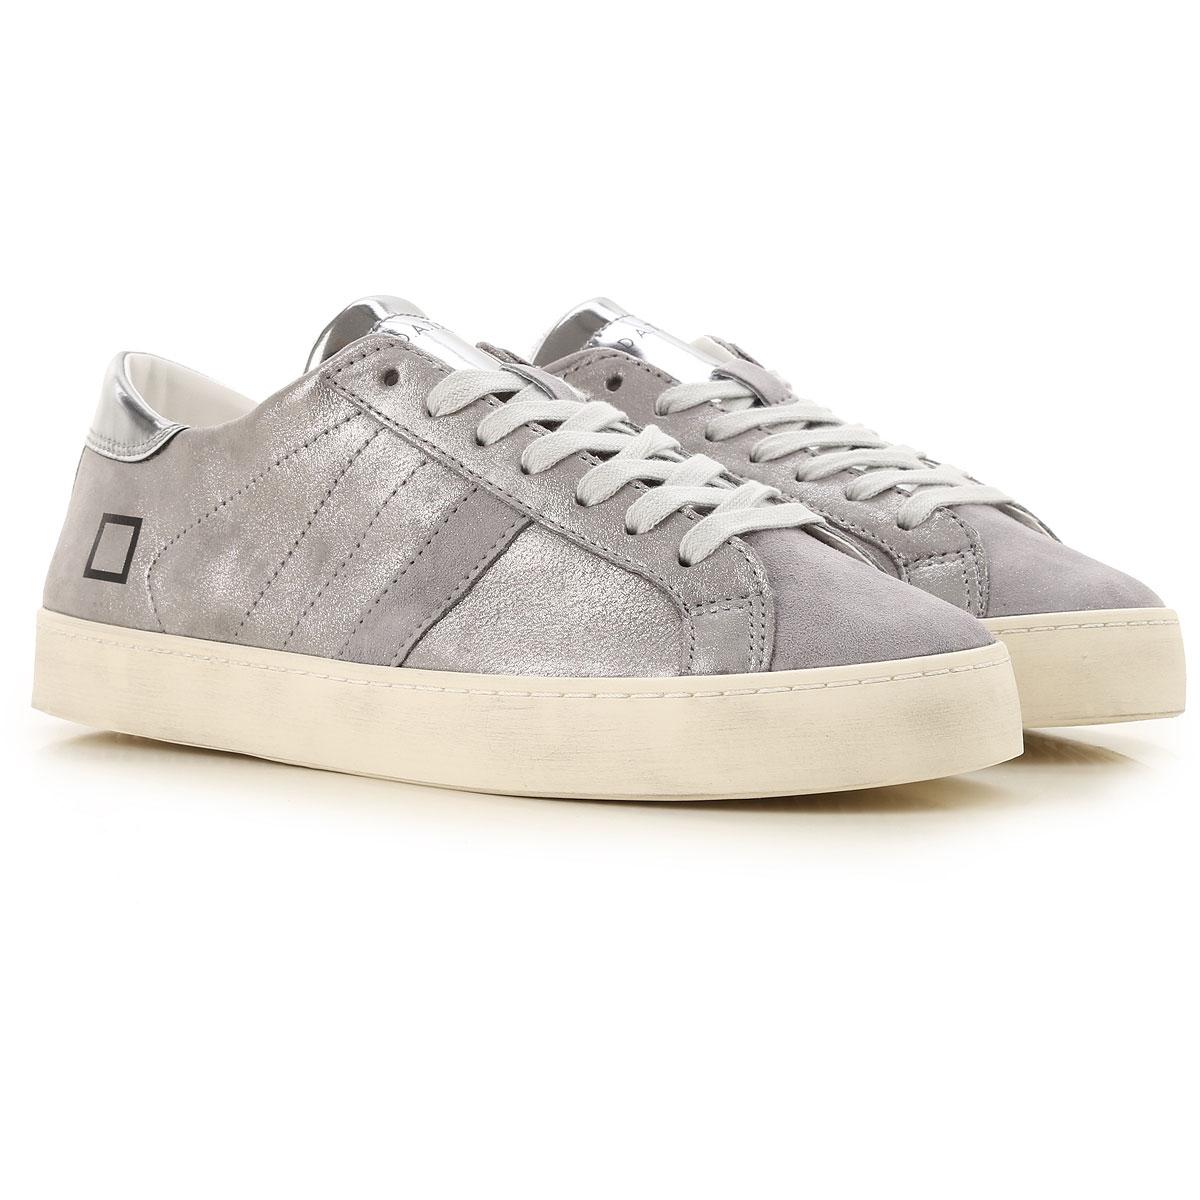 D.A.T.E. Sneakers for Women, Metal Gun, Leather, 2019, US 6 5 - UK 4 - EU 37 - JP 23 US 8 5 - UK 6 5 - EU 40 - JP 26